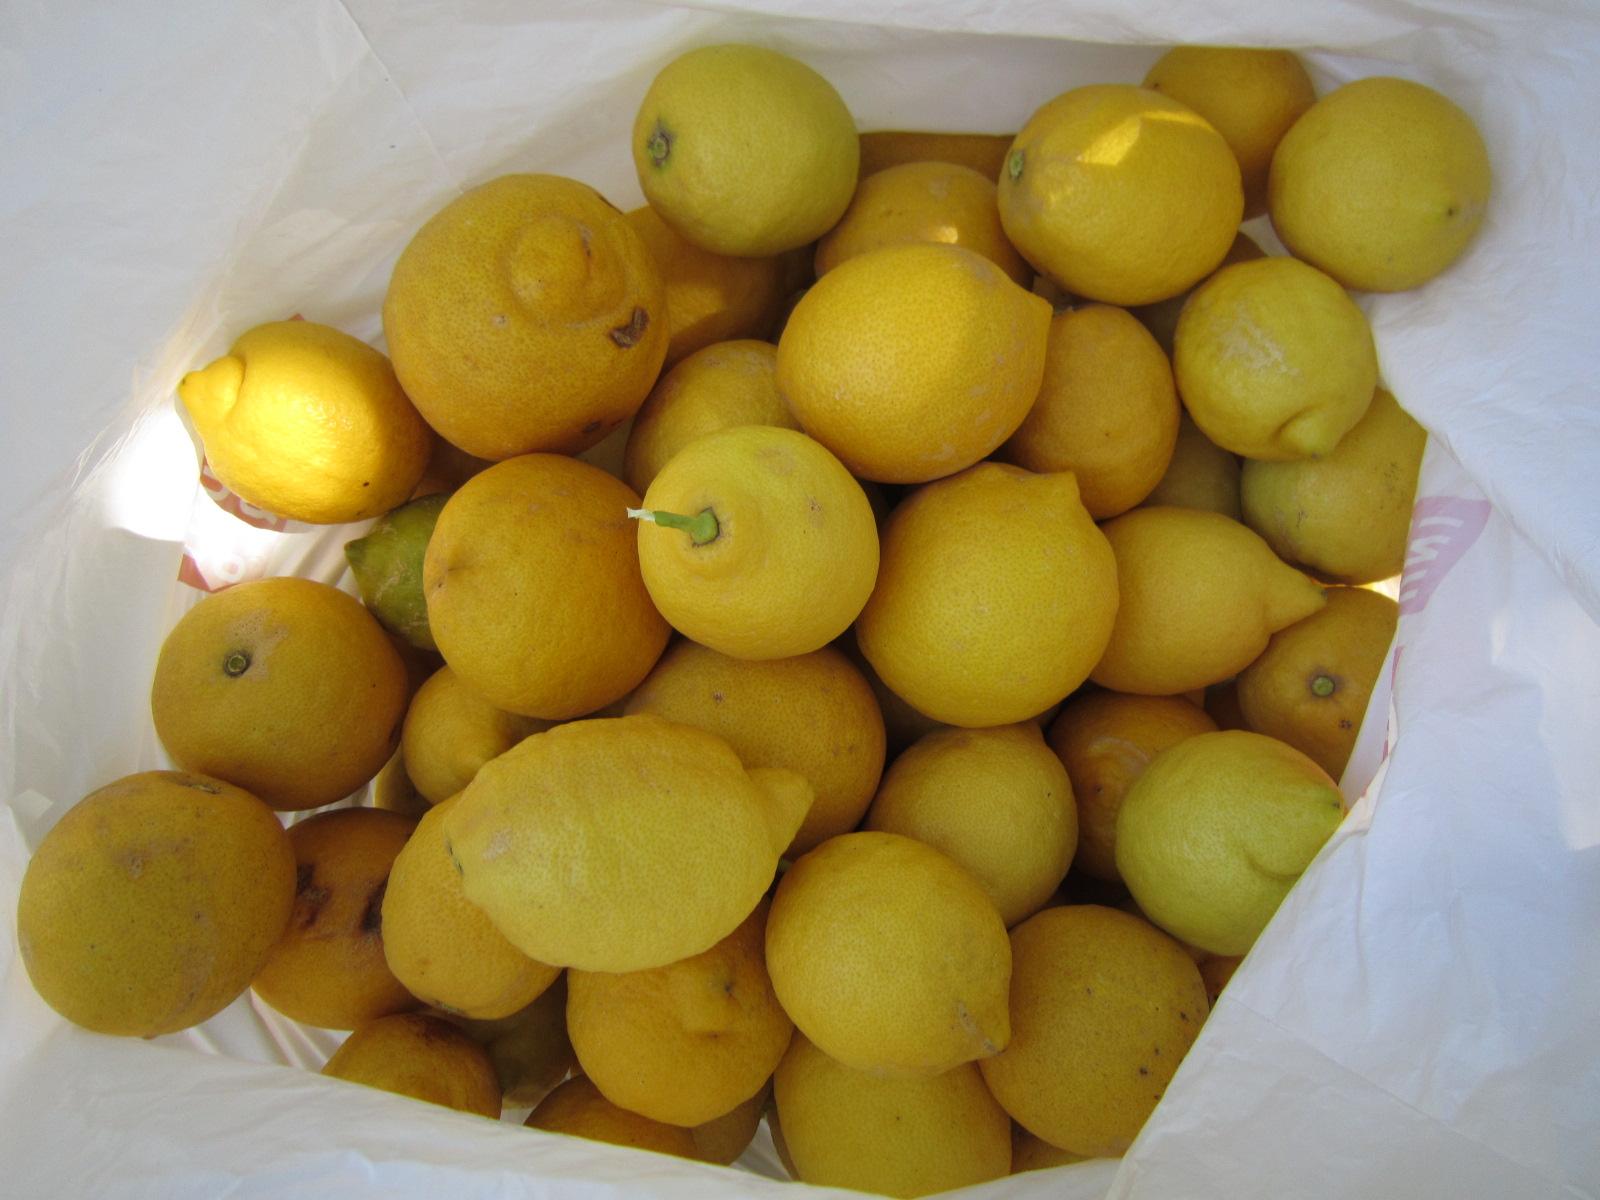 レモン狩り バゥ_d0084229_015588.jpg